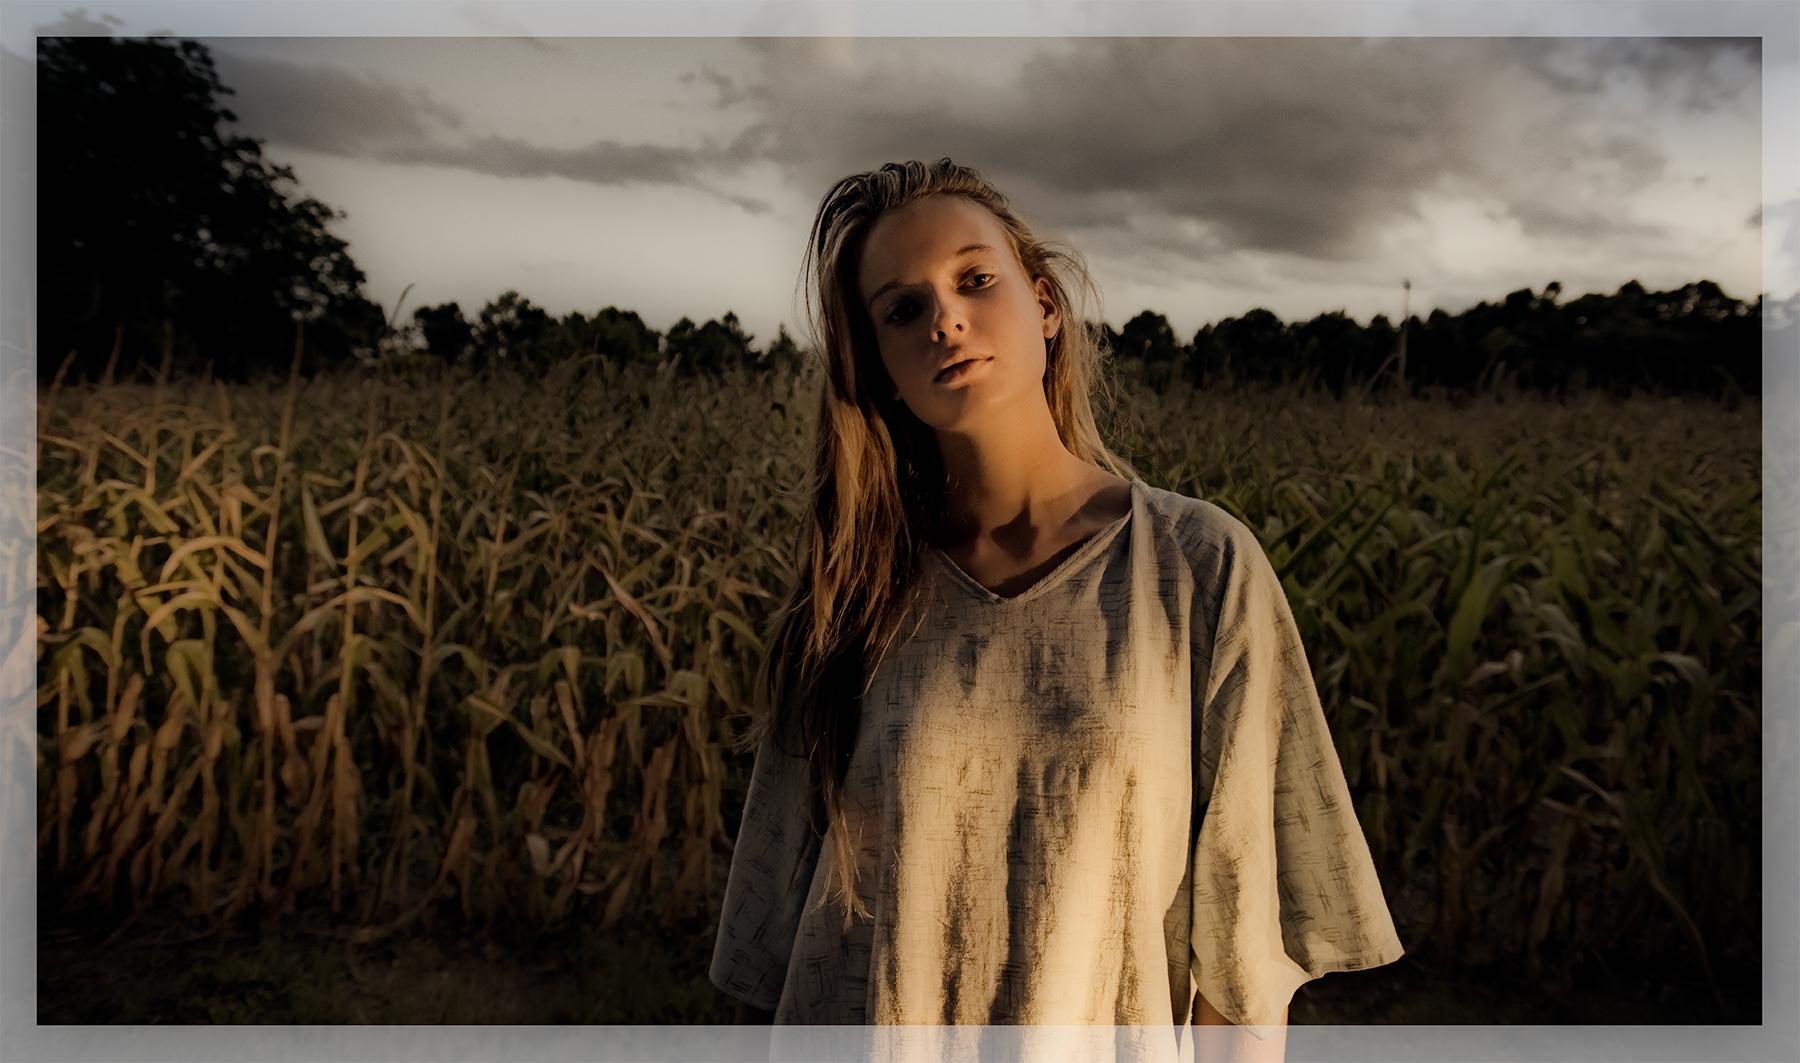 Girl in a field, Suffolk, Va